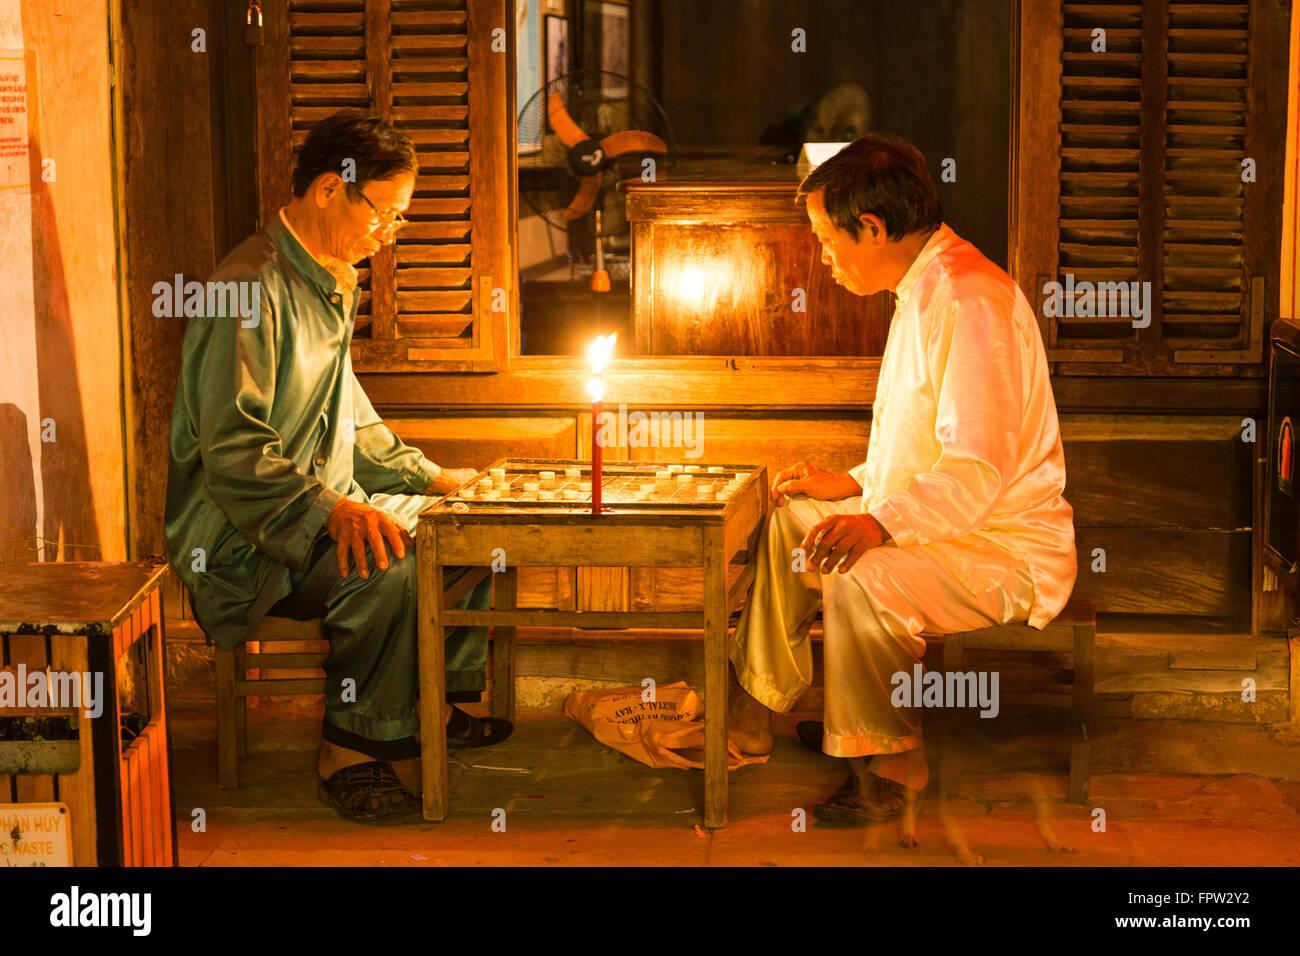 Les hommes jouant à la lumière d'une bougie d'un jeu, de la vieille ville de Hoi An, Vietnam Banque D'Images